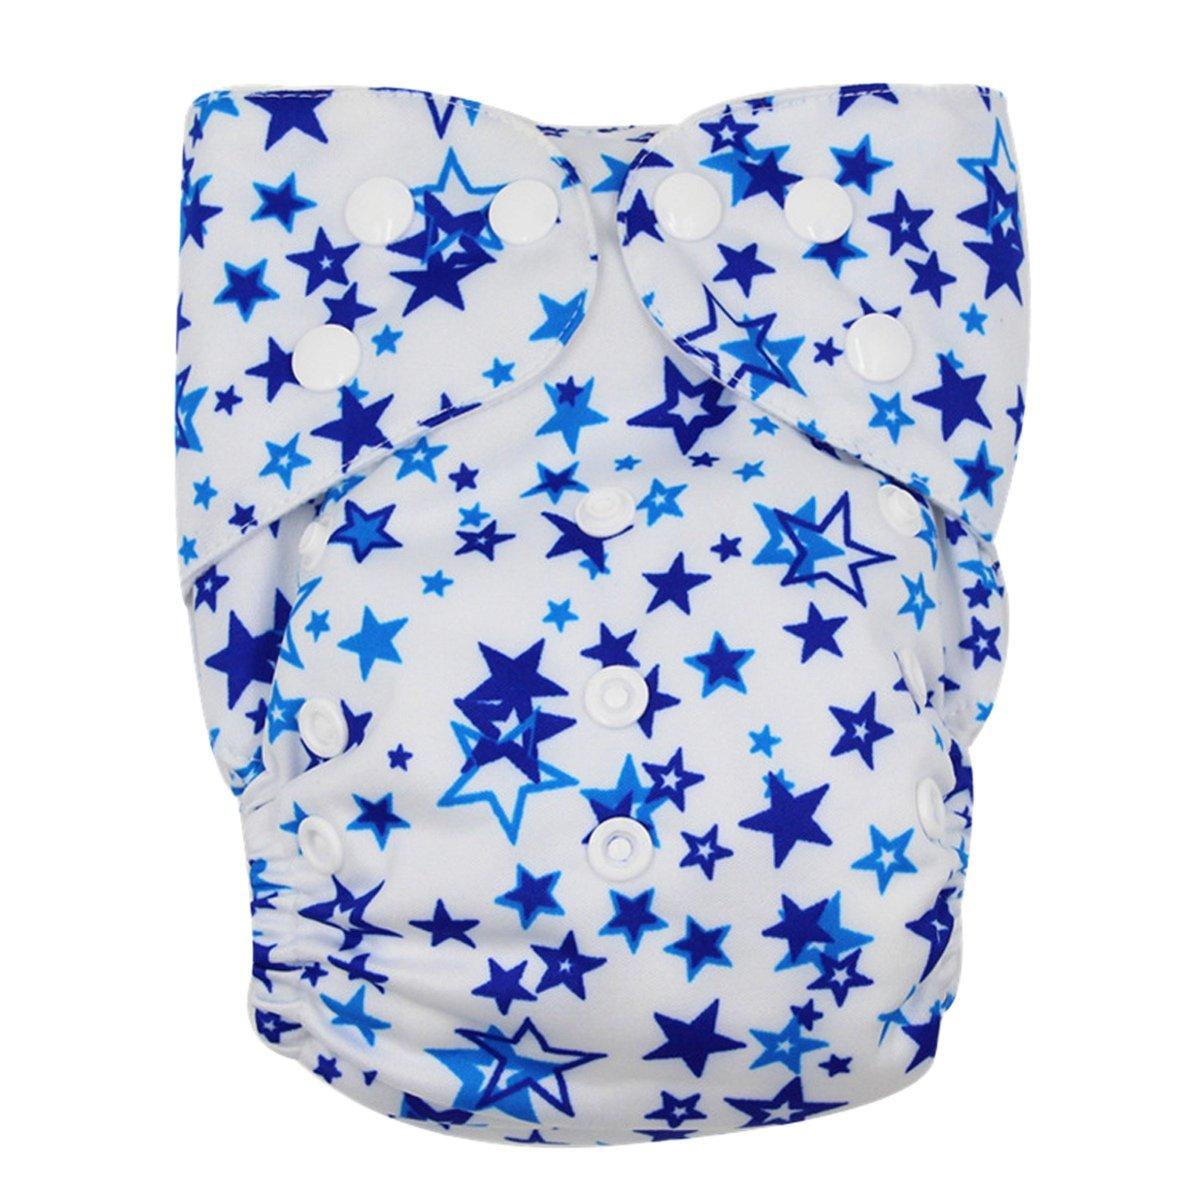 Happy Cherry Bébé Naissances Culottes d'apprentissage Lavables Pantalon Couche Avec Bouton Taille Réglable - Étoile